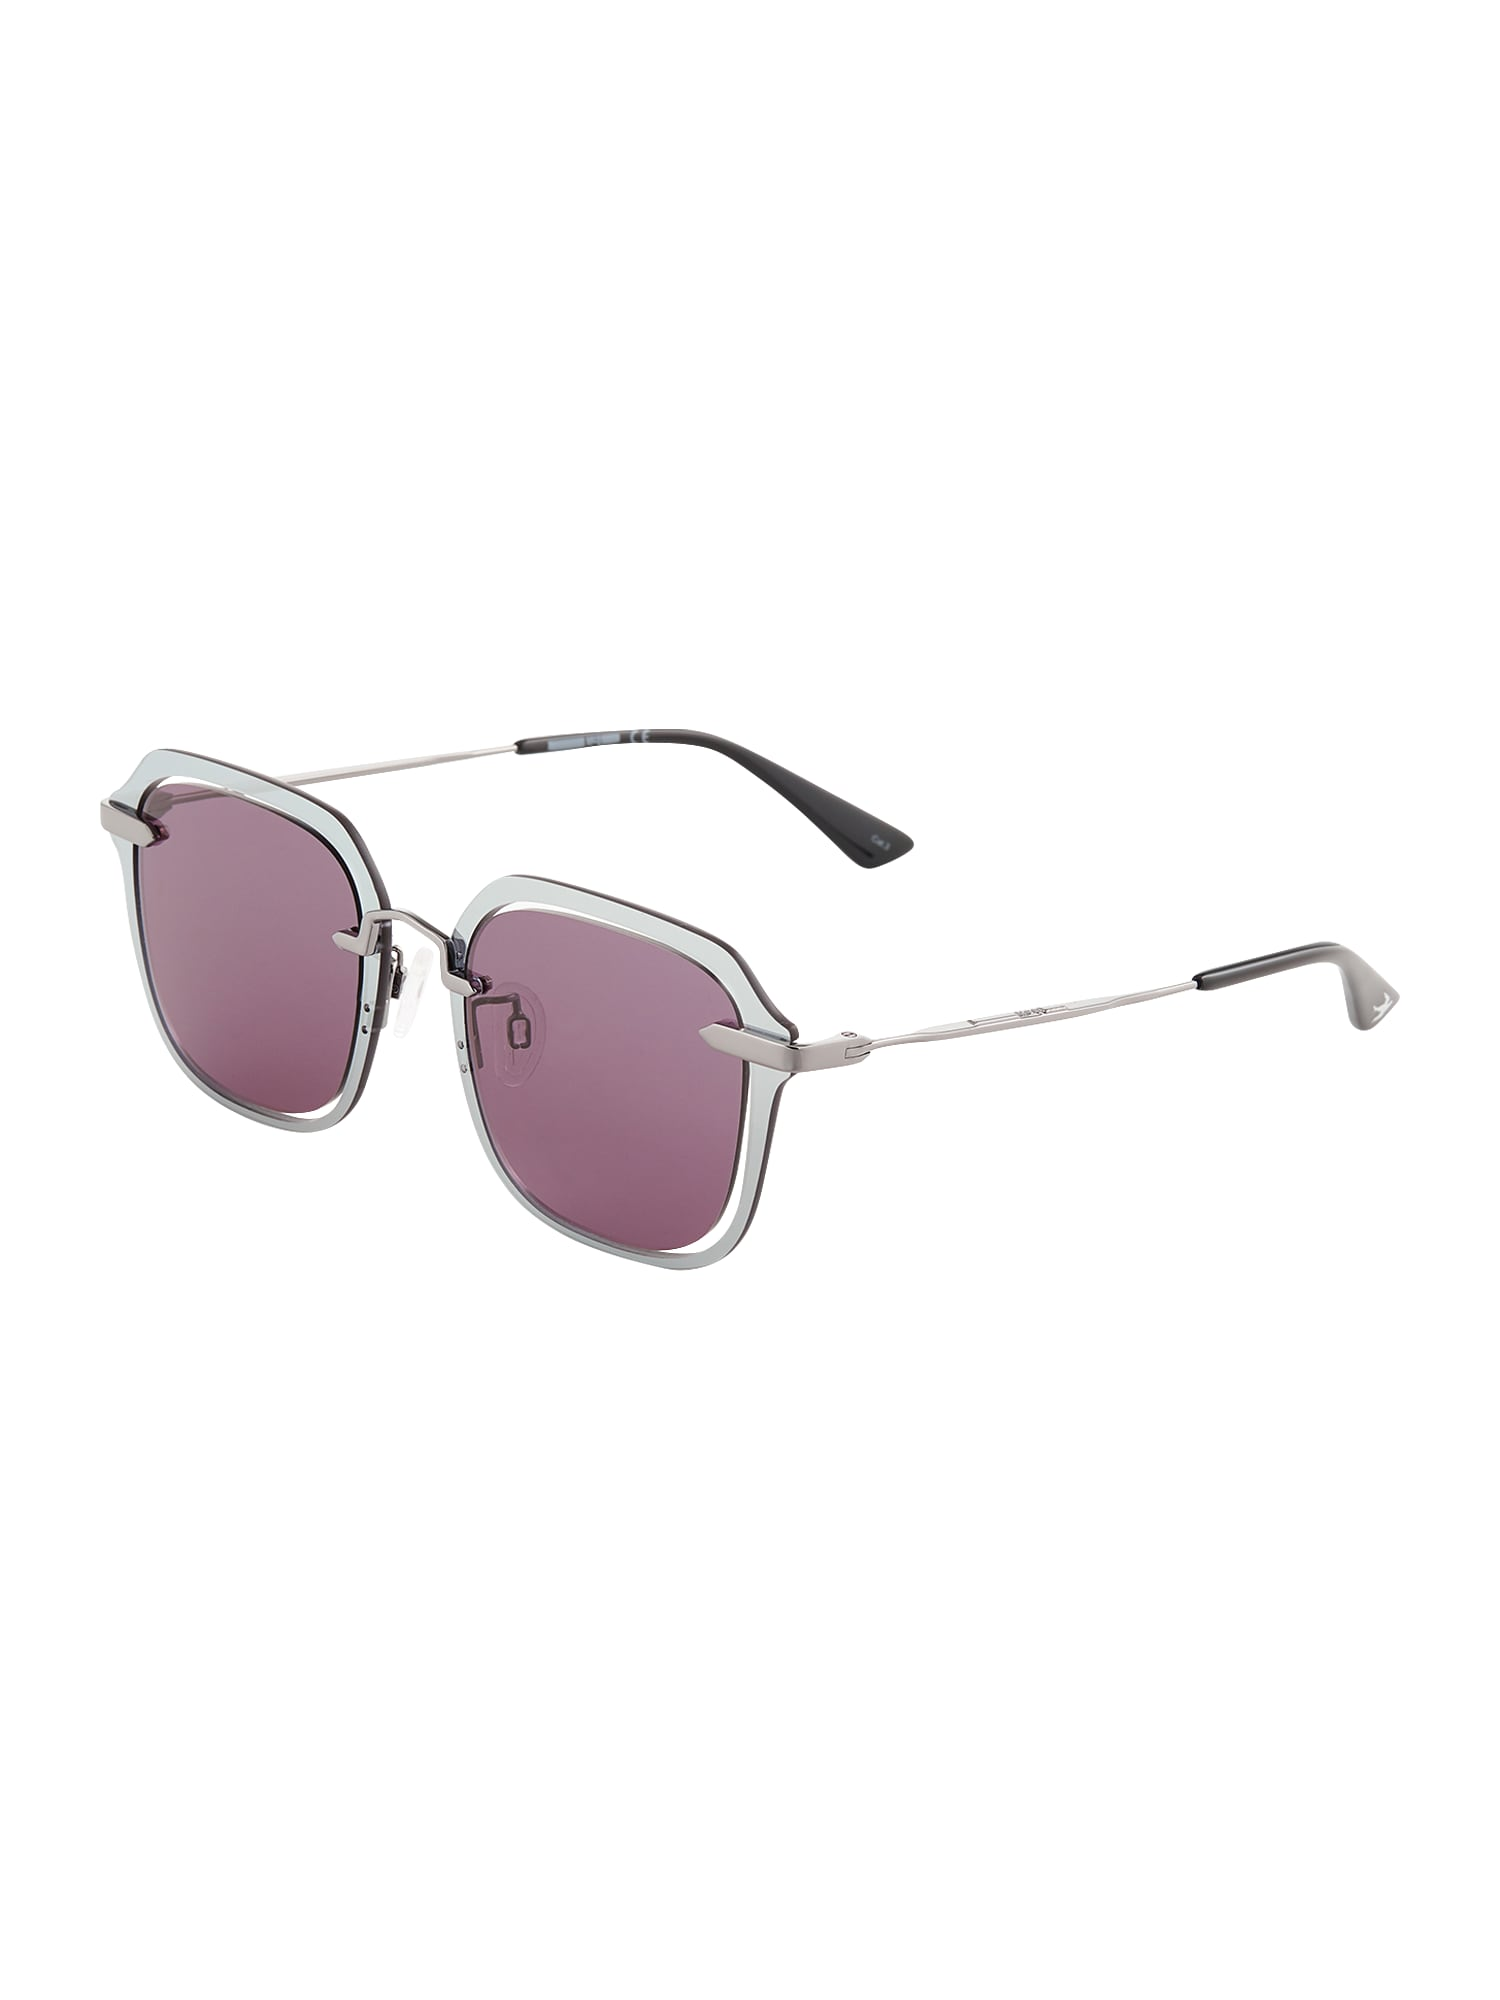 McQ Alexander McQueen Akiniai nuo saulės pilka / šviesiai violetinė